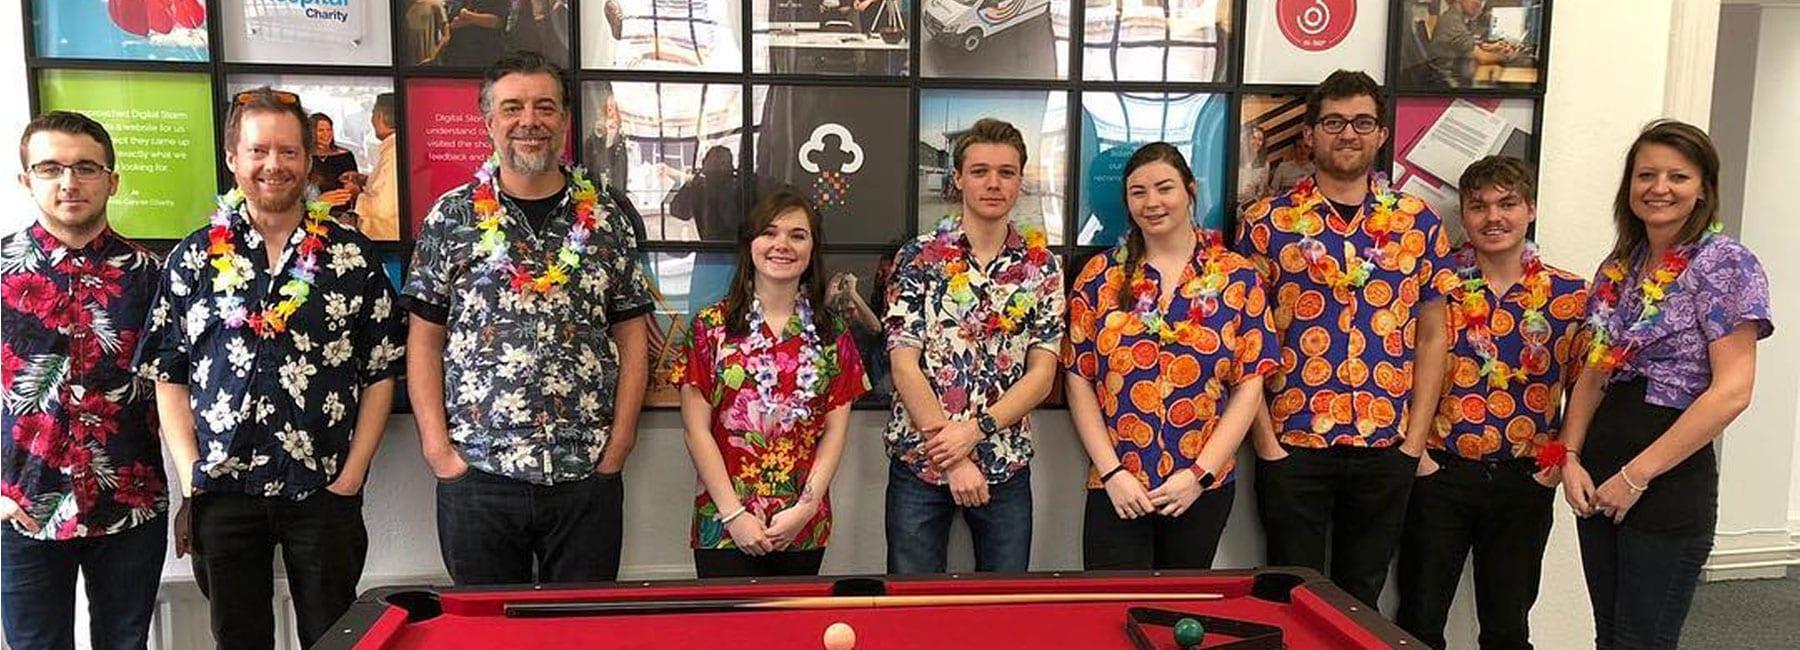 Digital Storm team sporting Hawaiian shirts